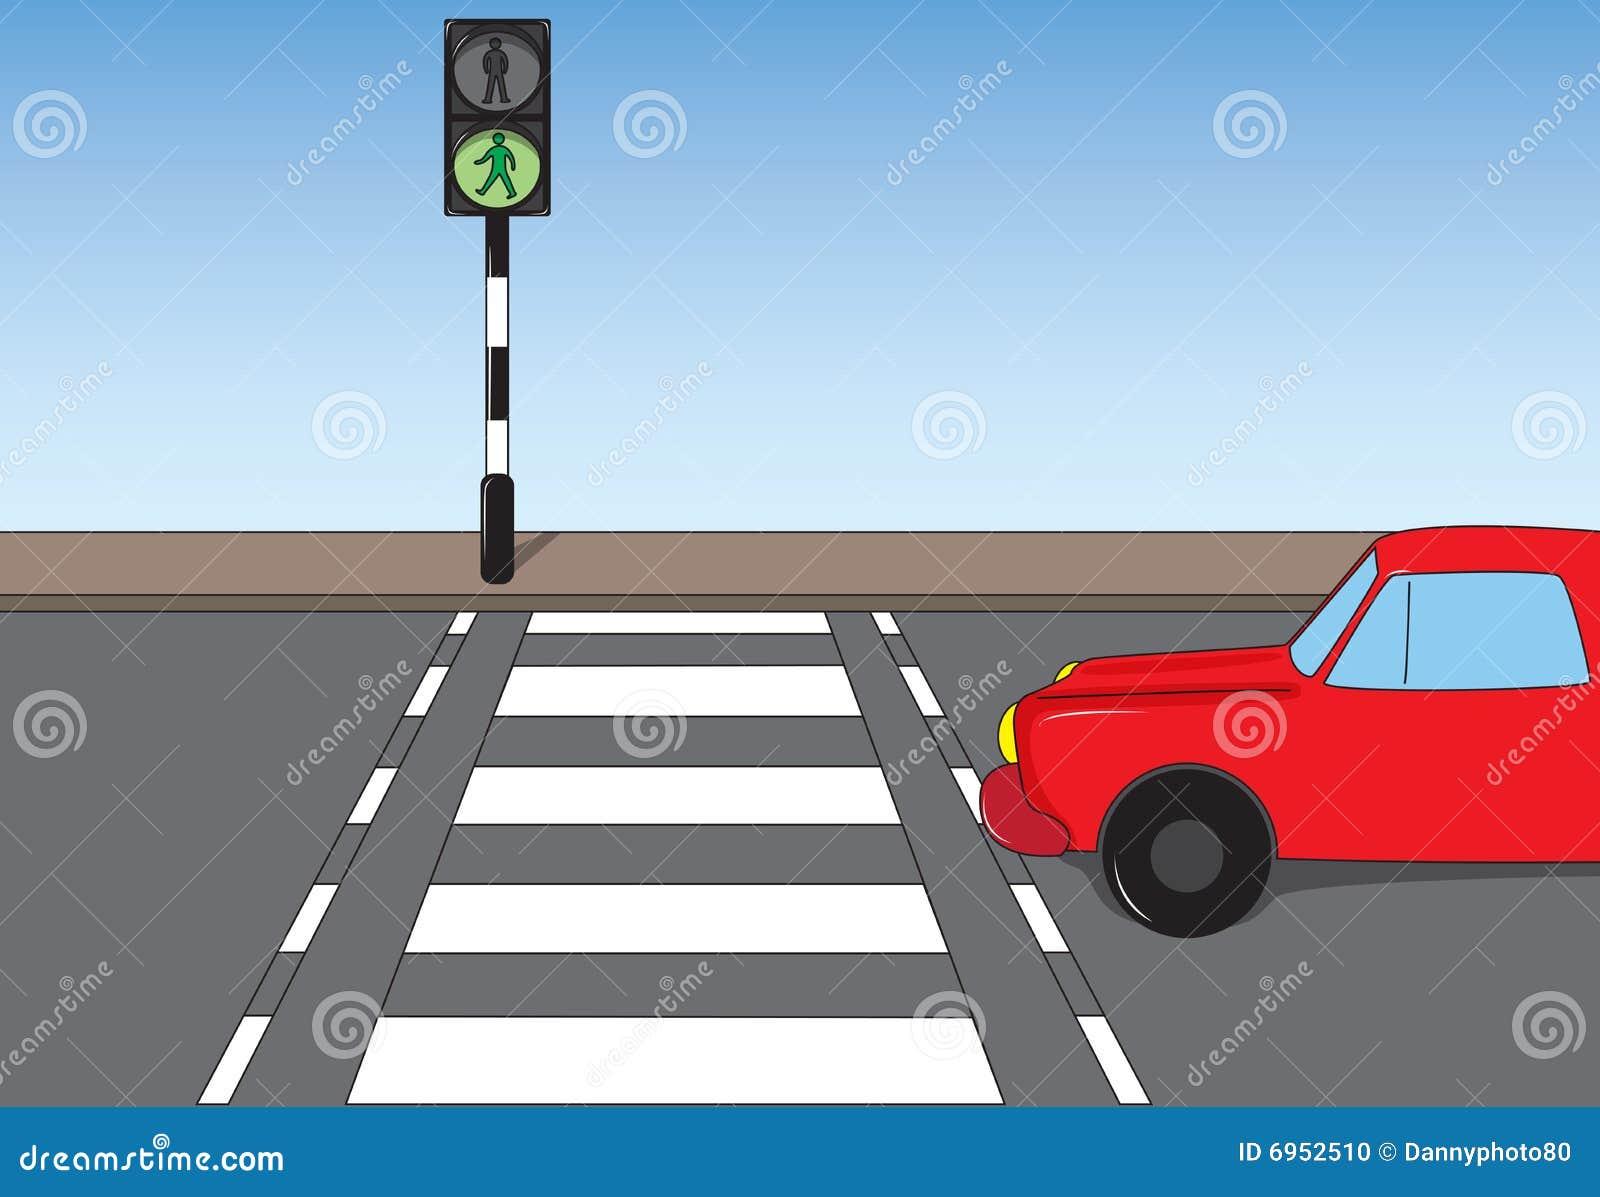 Line Drawing Of Zebra Crossing : Traffic scene stock illustration of light